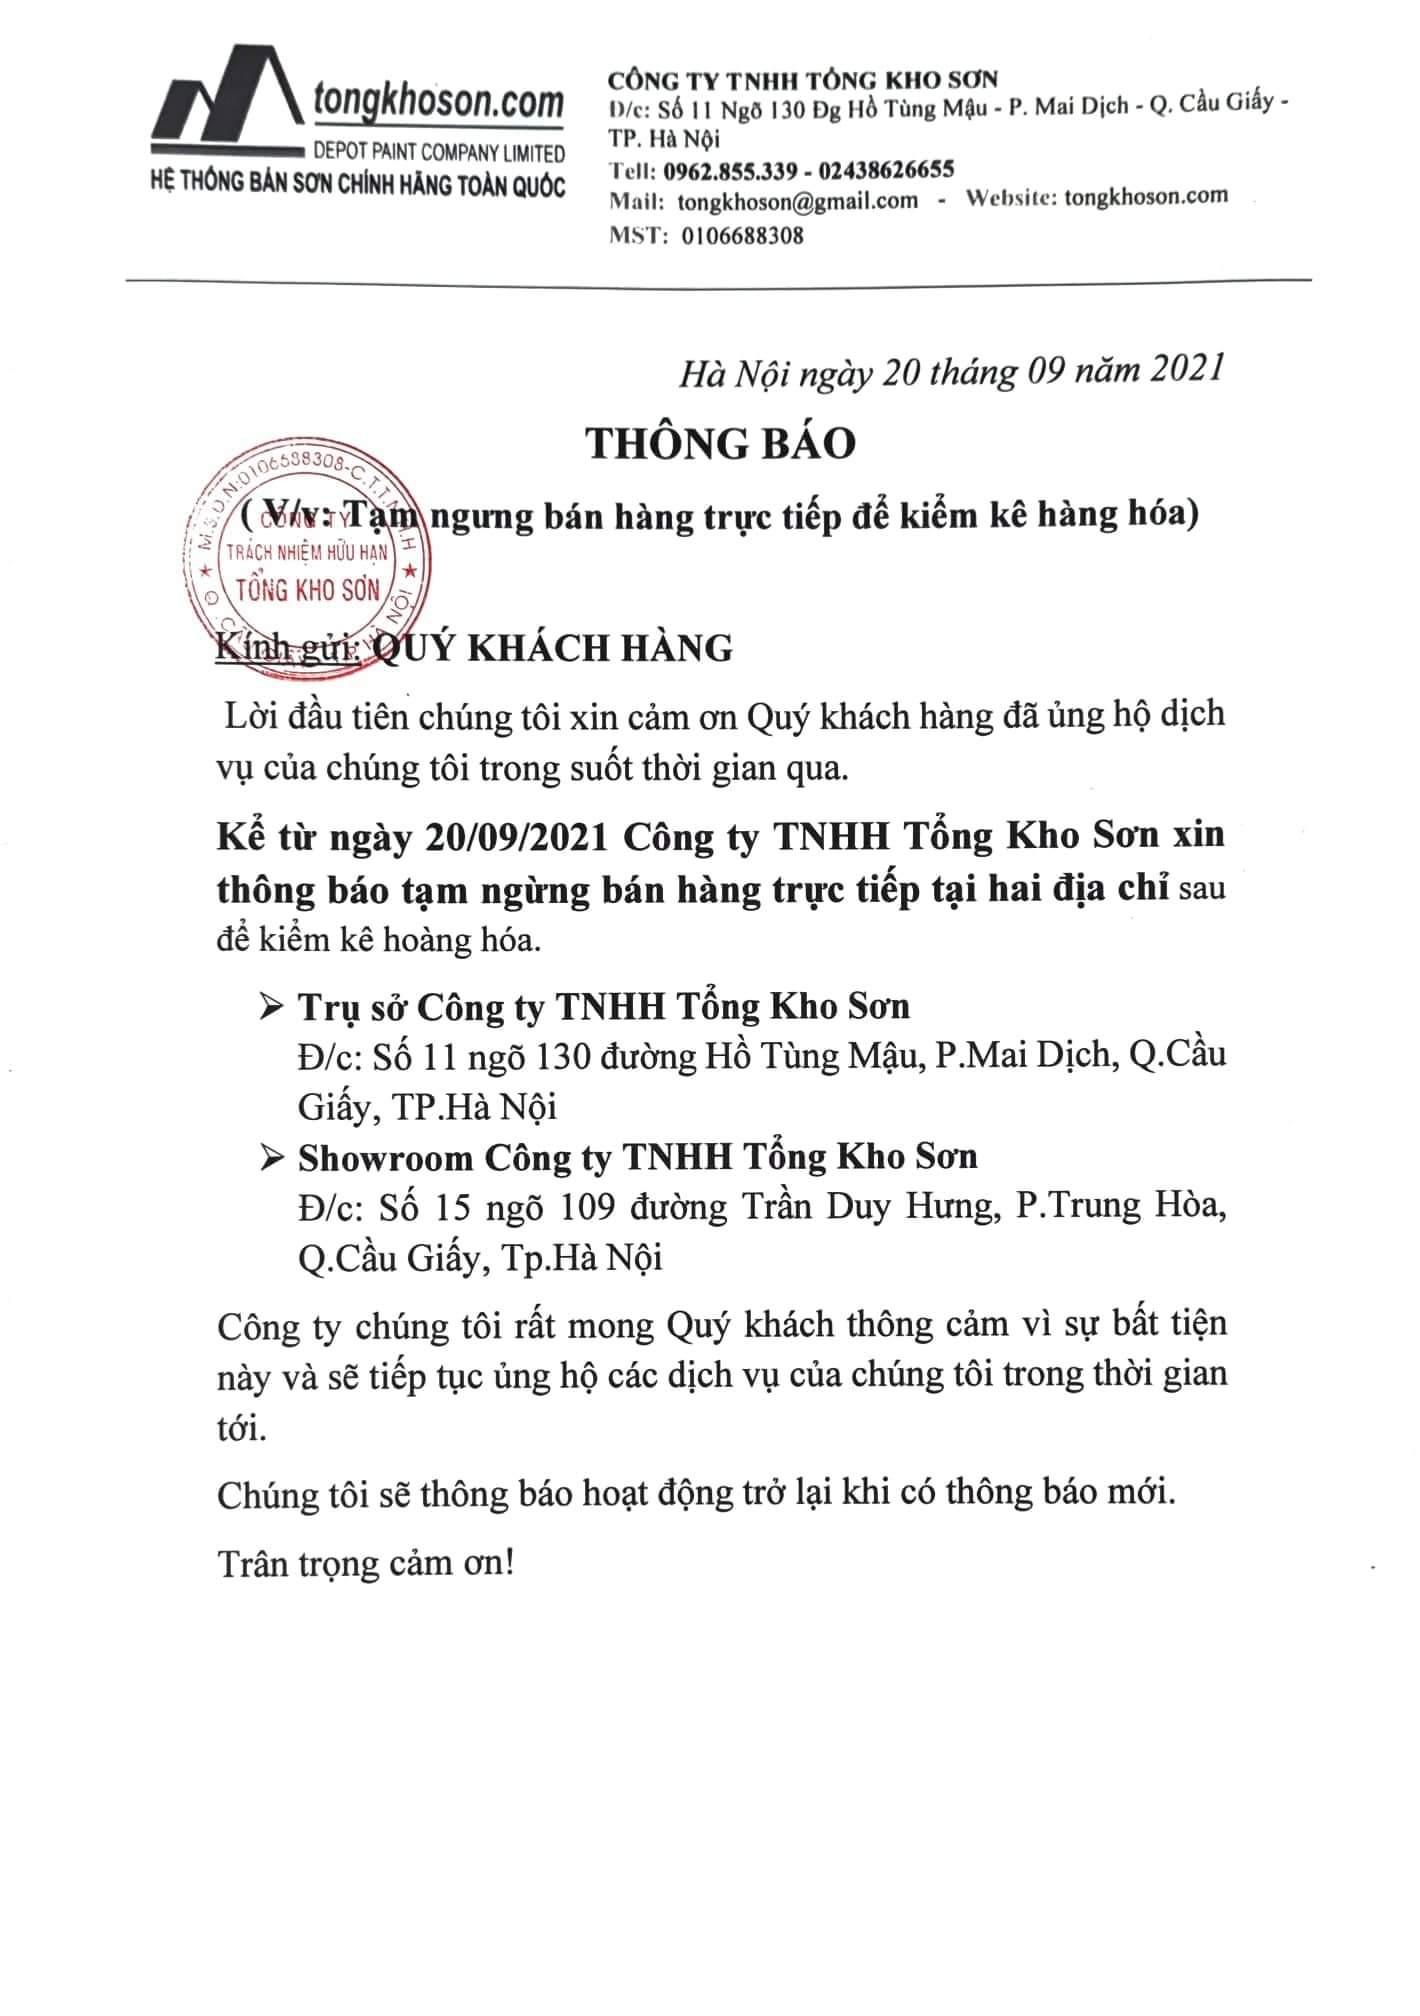 Tổng Kho Sơn thông báo về việc tạm ngưng bán hàng trực tiếp để kiểm kê hàng hóa